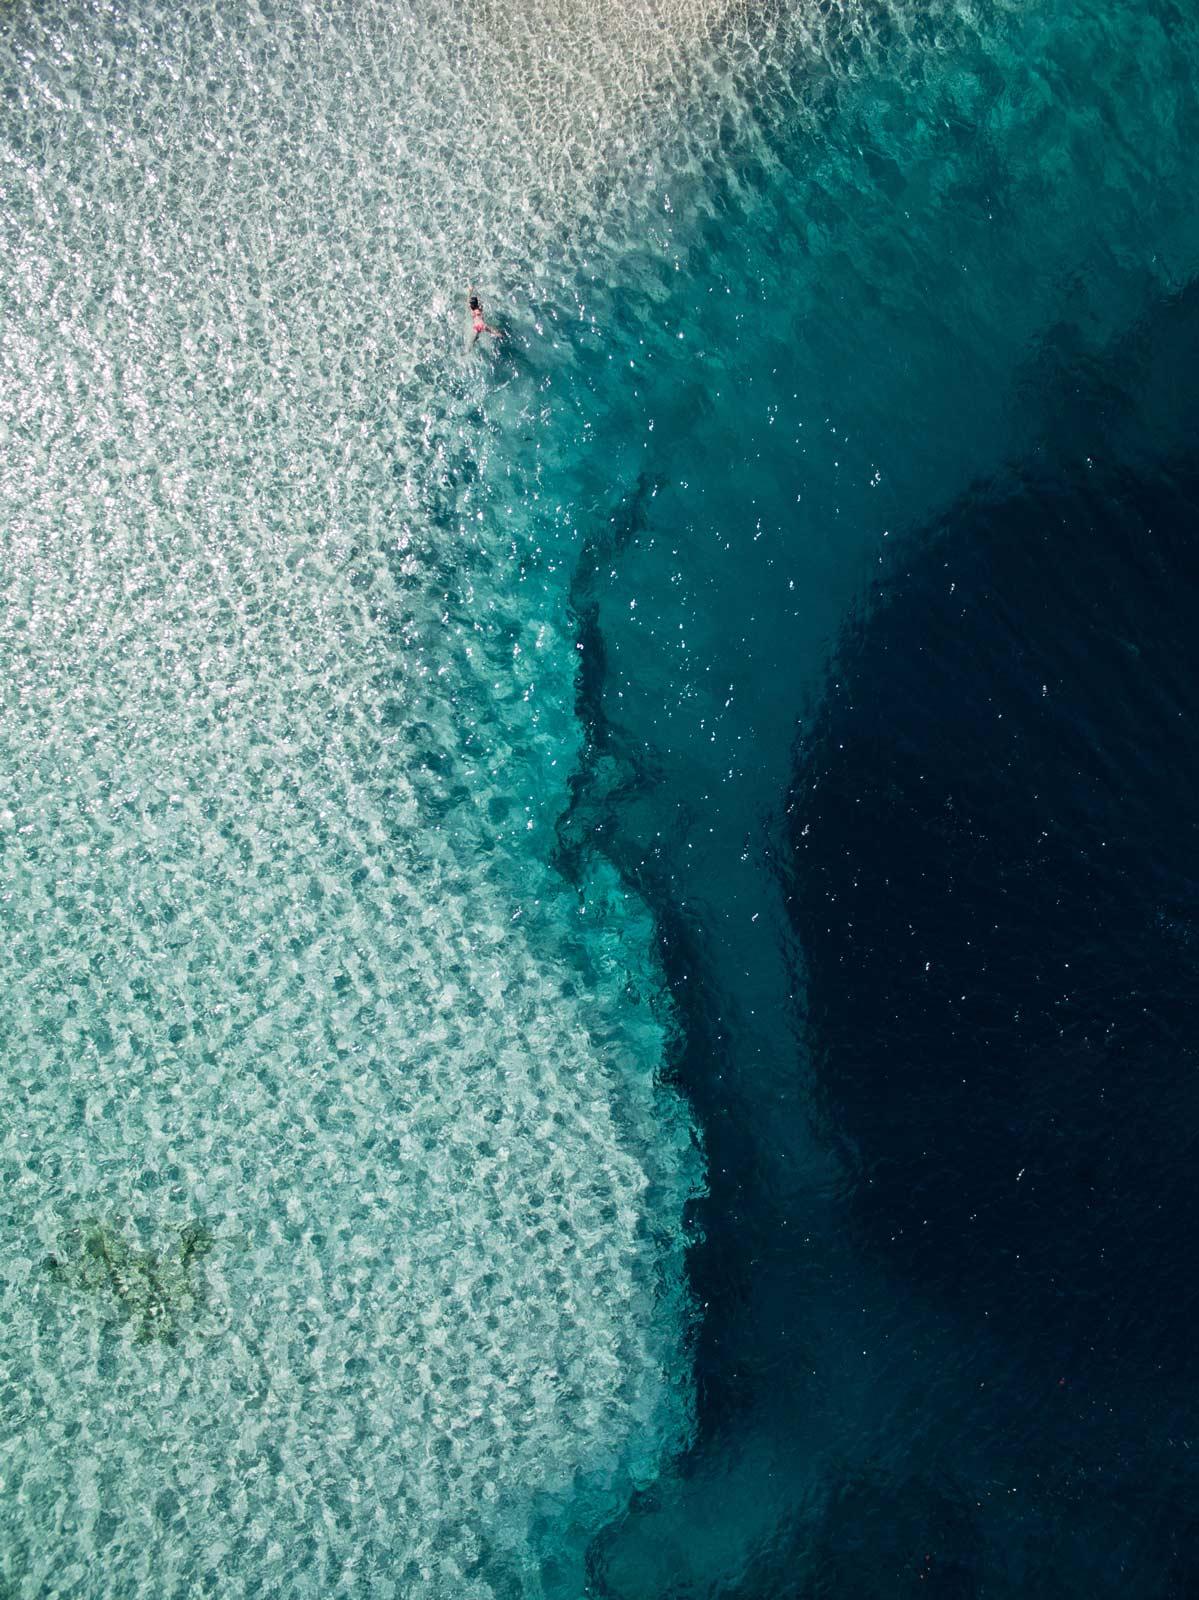 deans blue hole bahamas